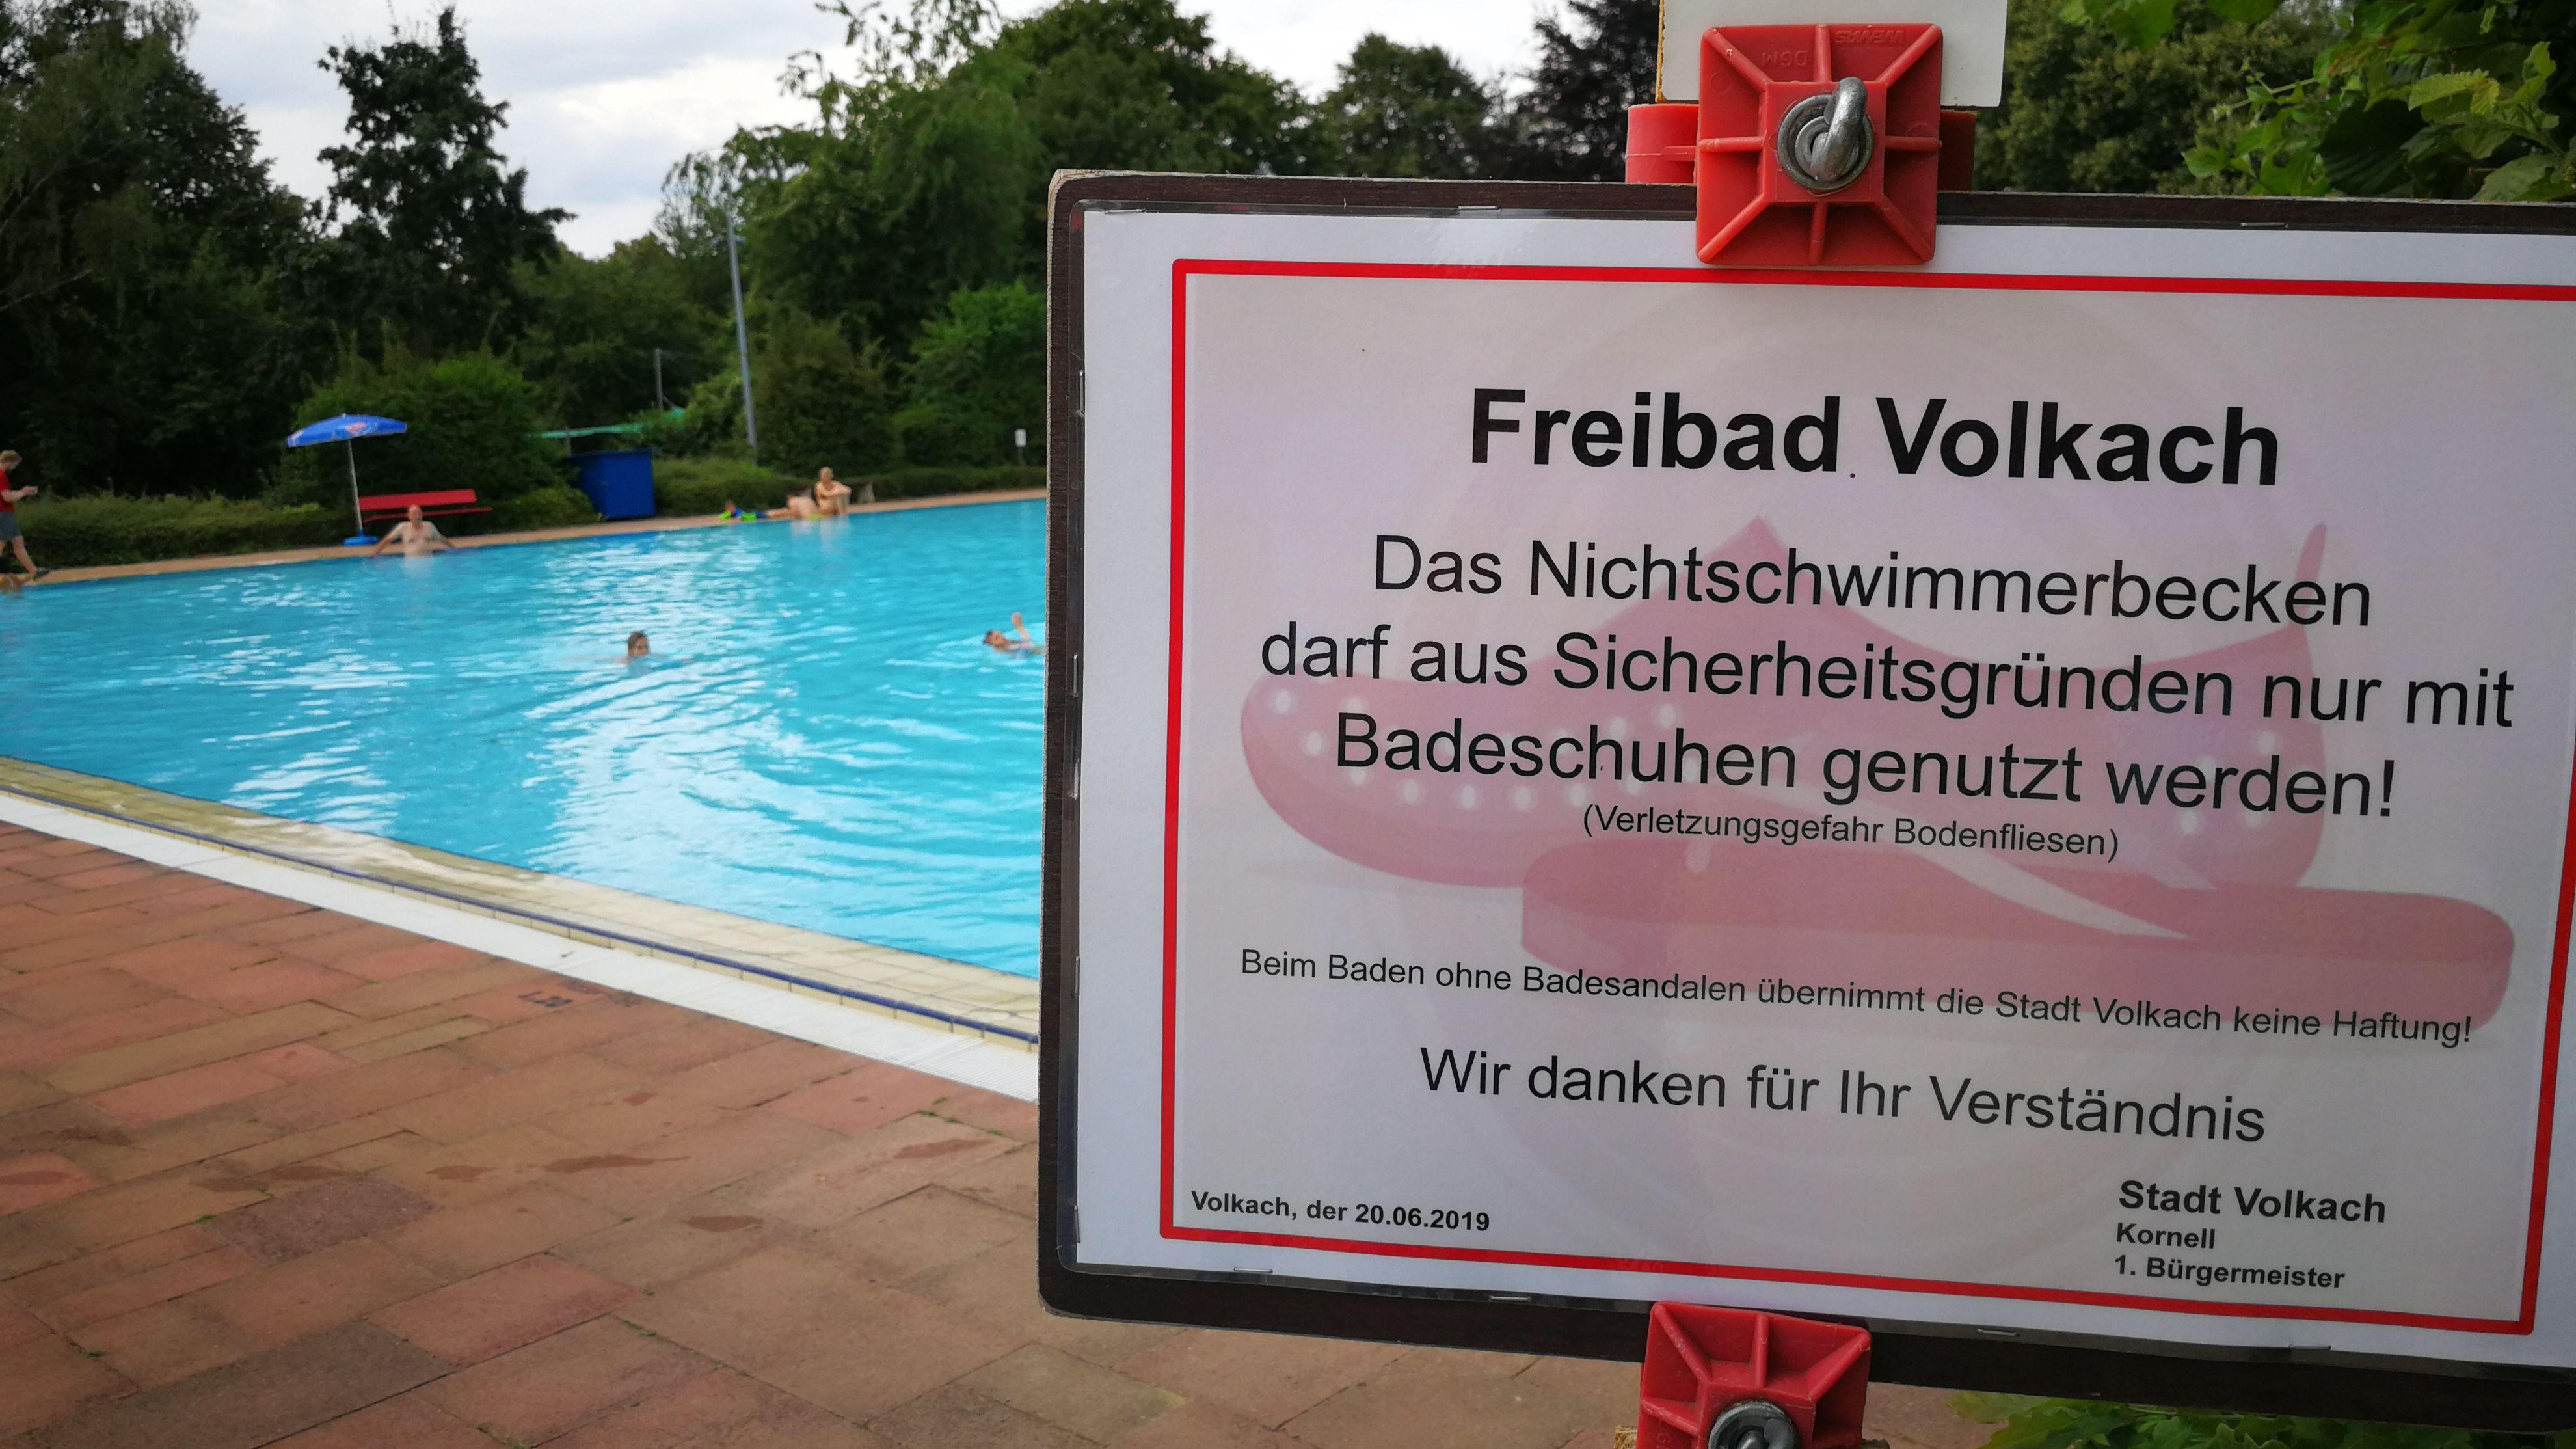 Volkacher Hallenbad im Notbetrieb - das Nichtschwimmer-Becken darf nur mit Badeschuhen betreten werden